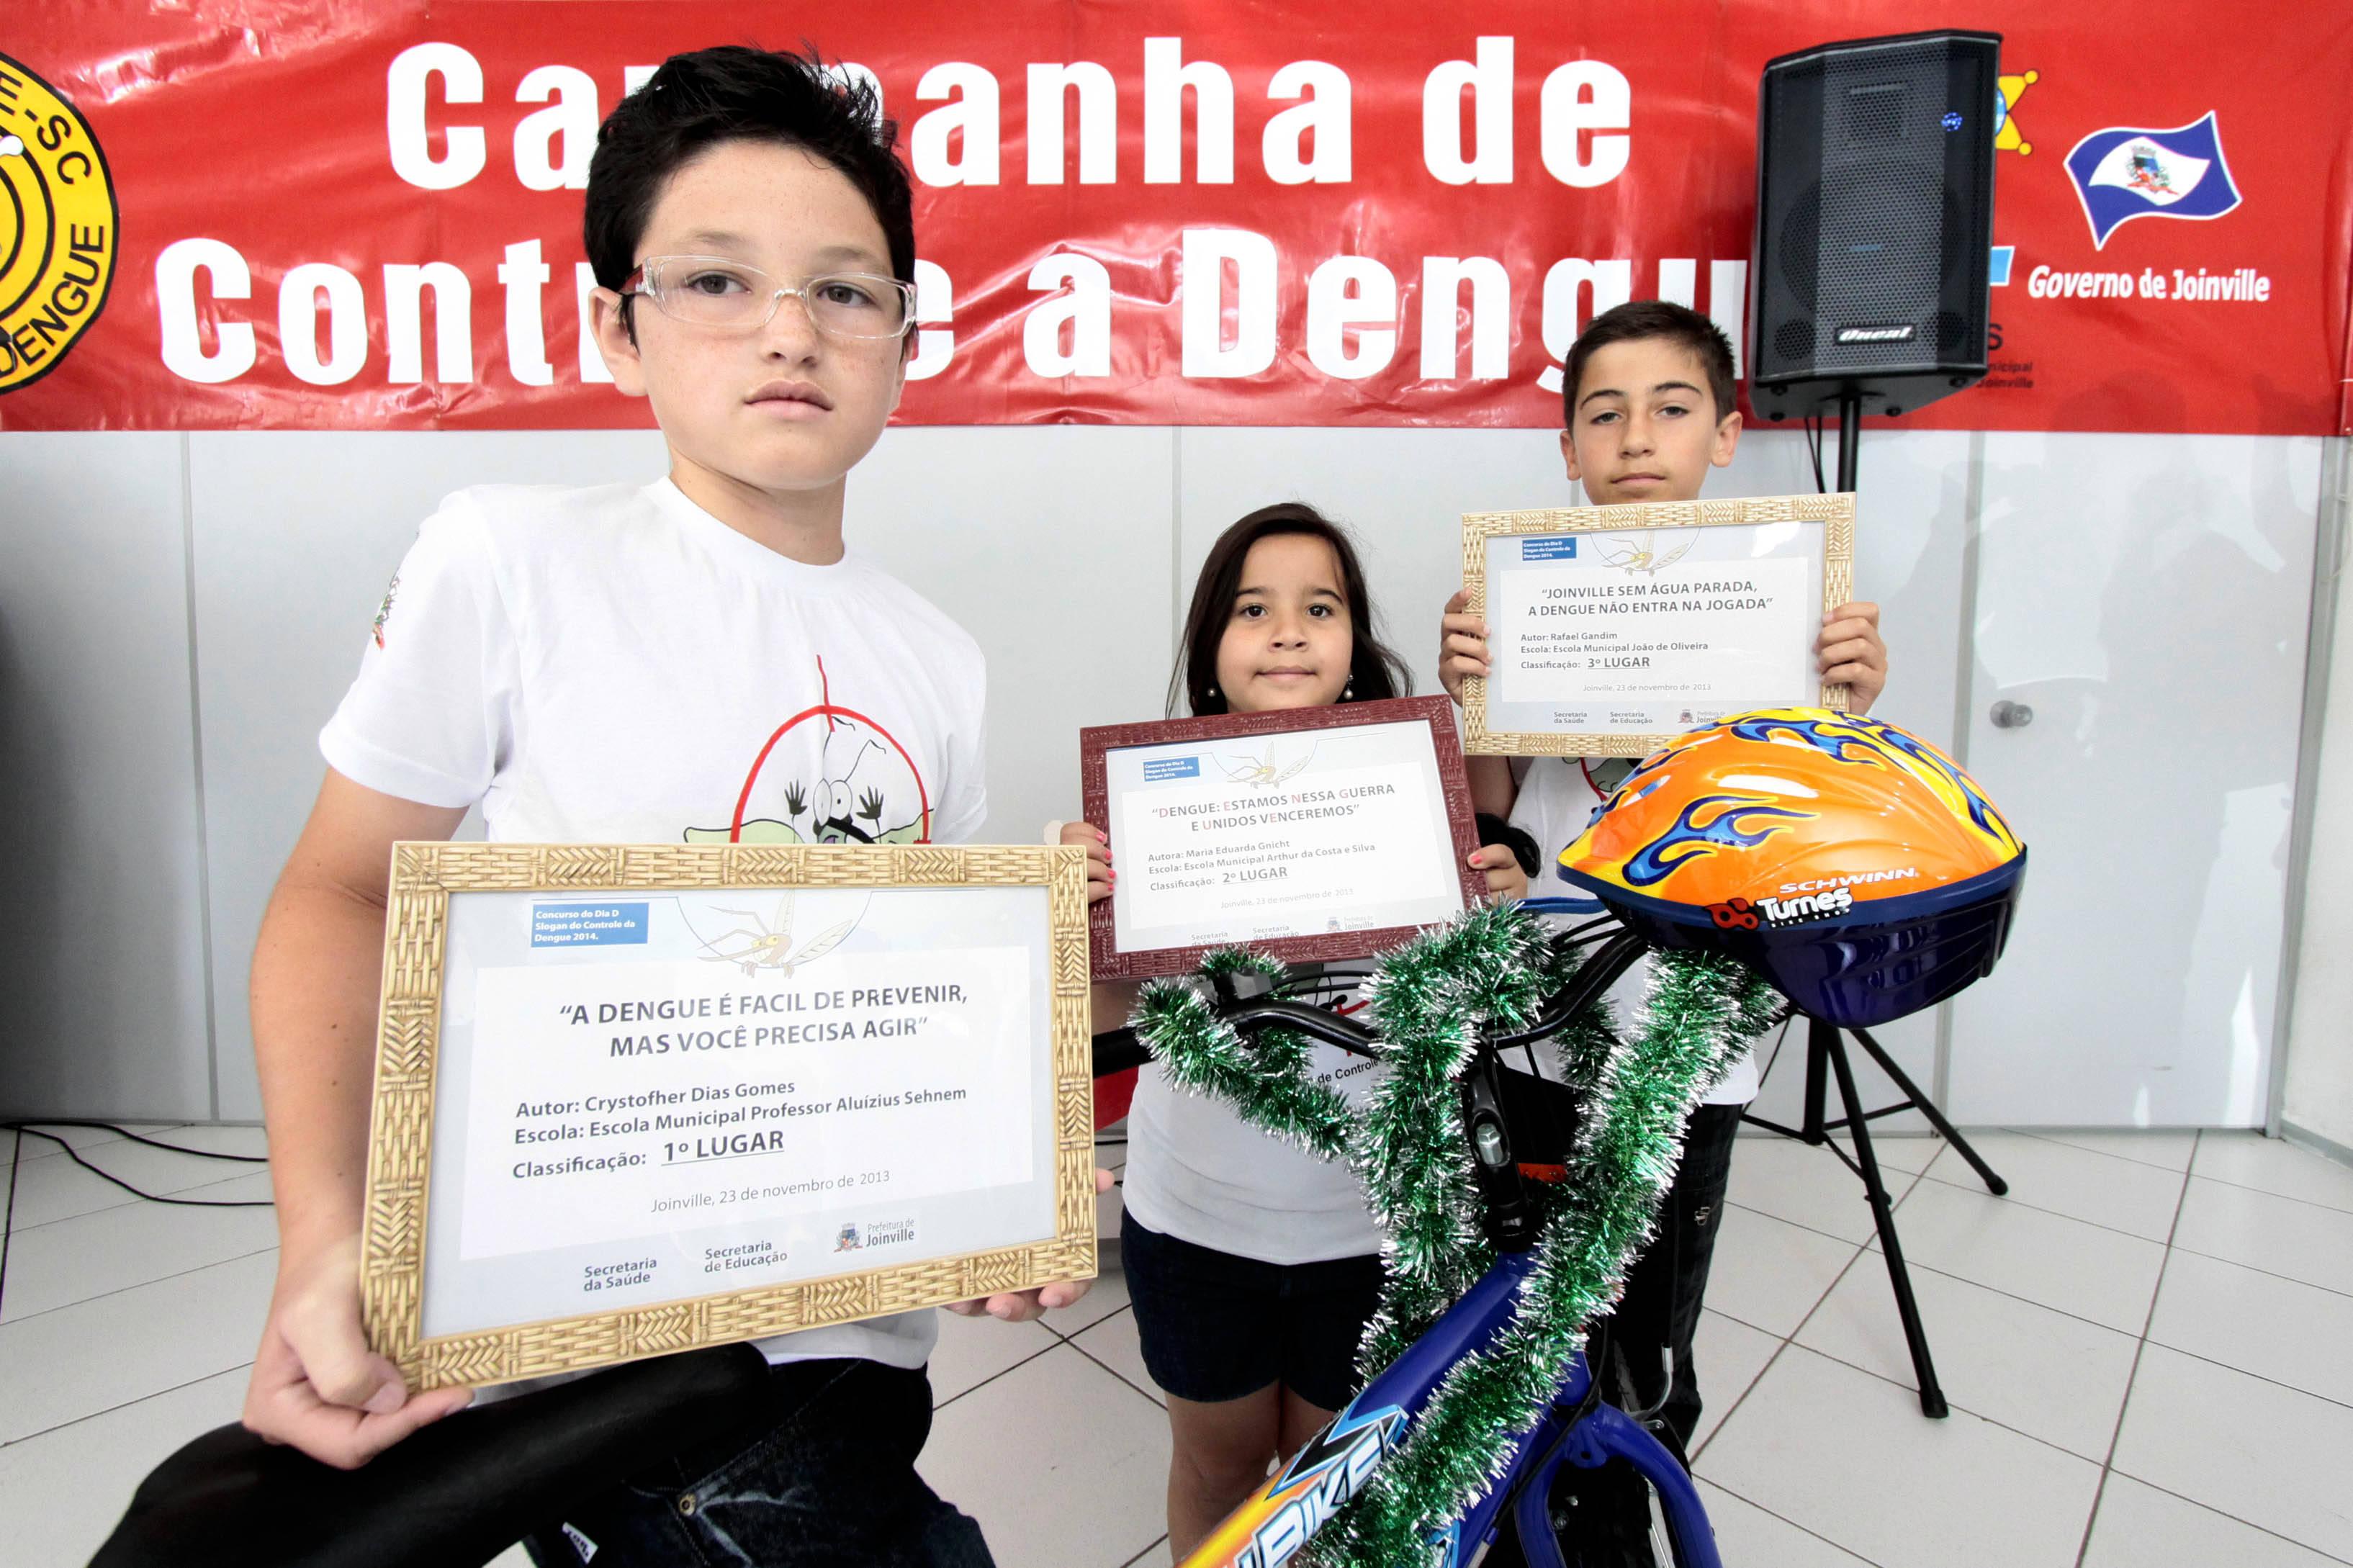 Premiação E Carreata No Dia D De Combate à Dengue